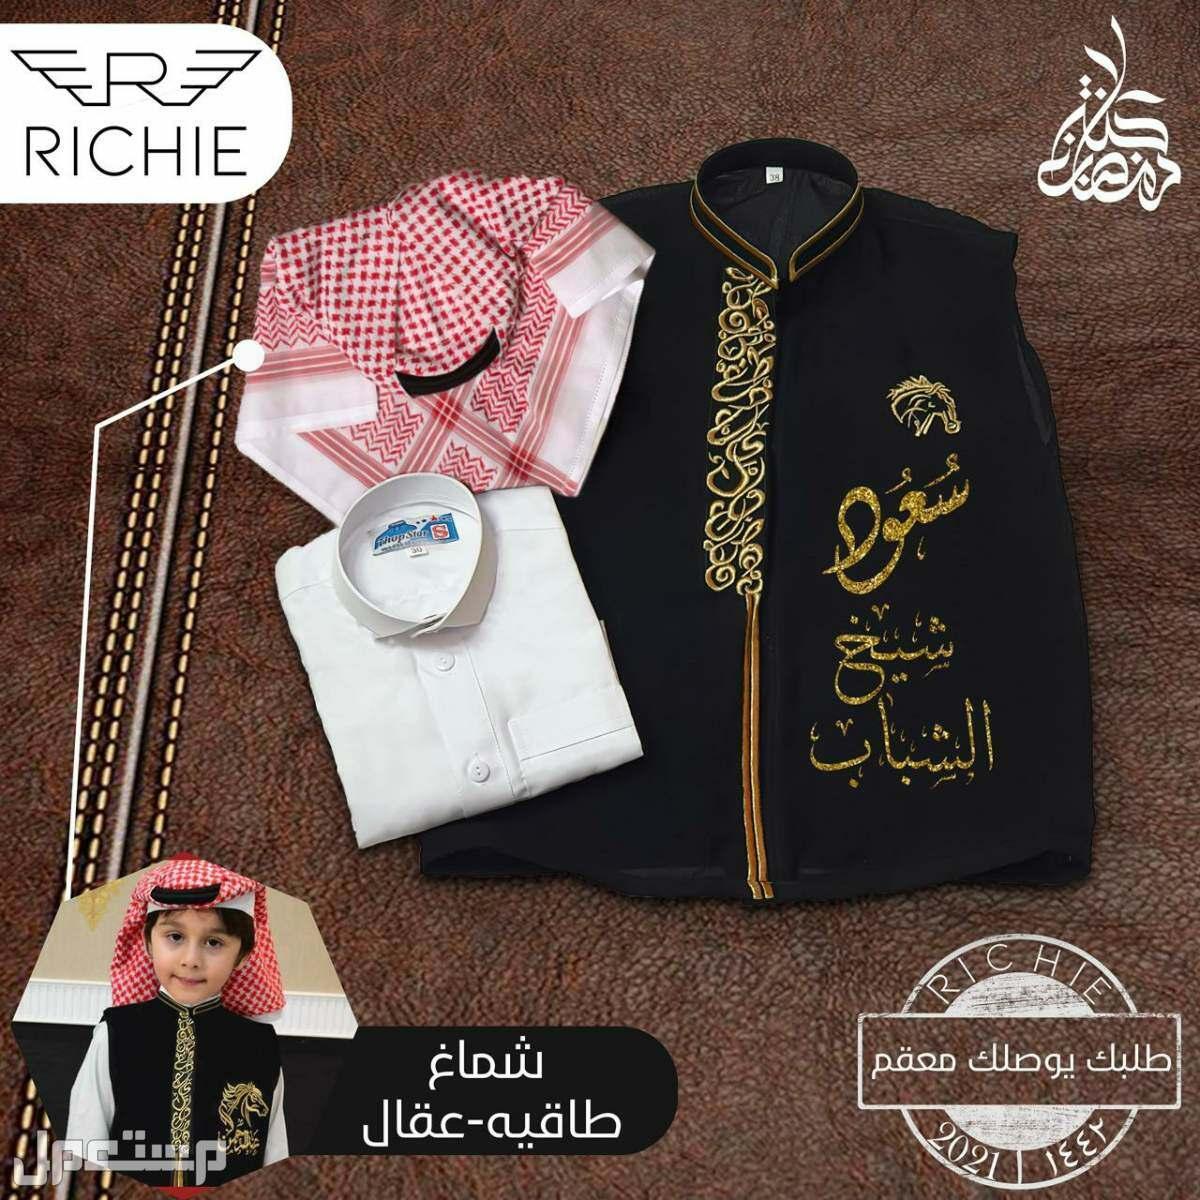 ميزي طفلك # سديري مع ثوب وشماغ بالاسم حسب طلبك يوجد شحن